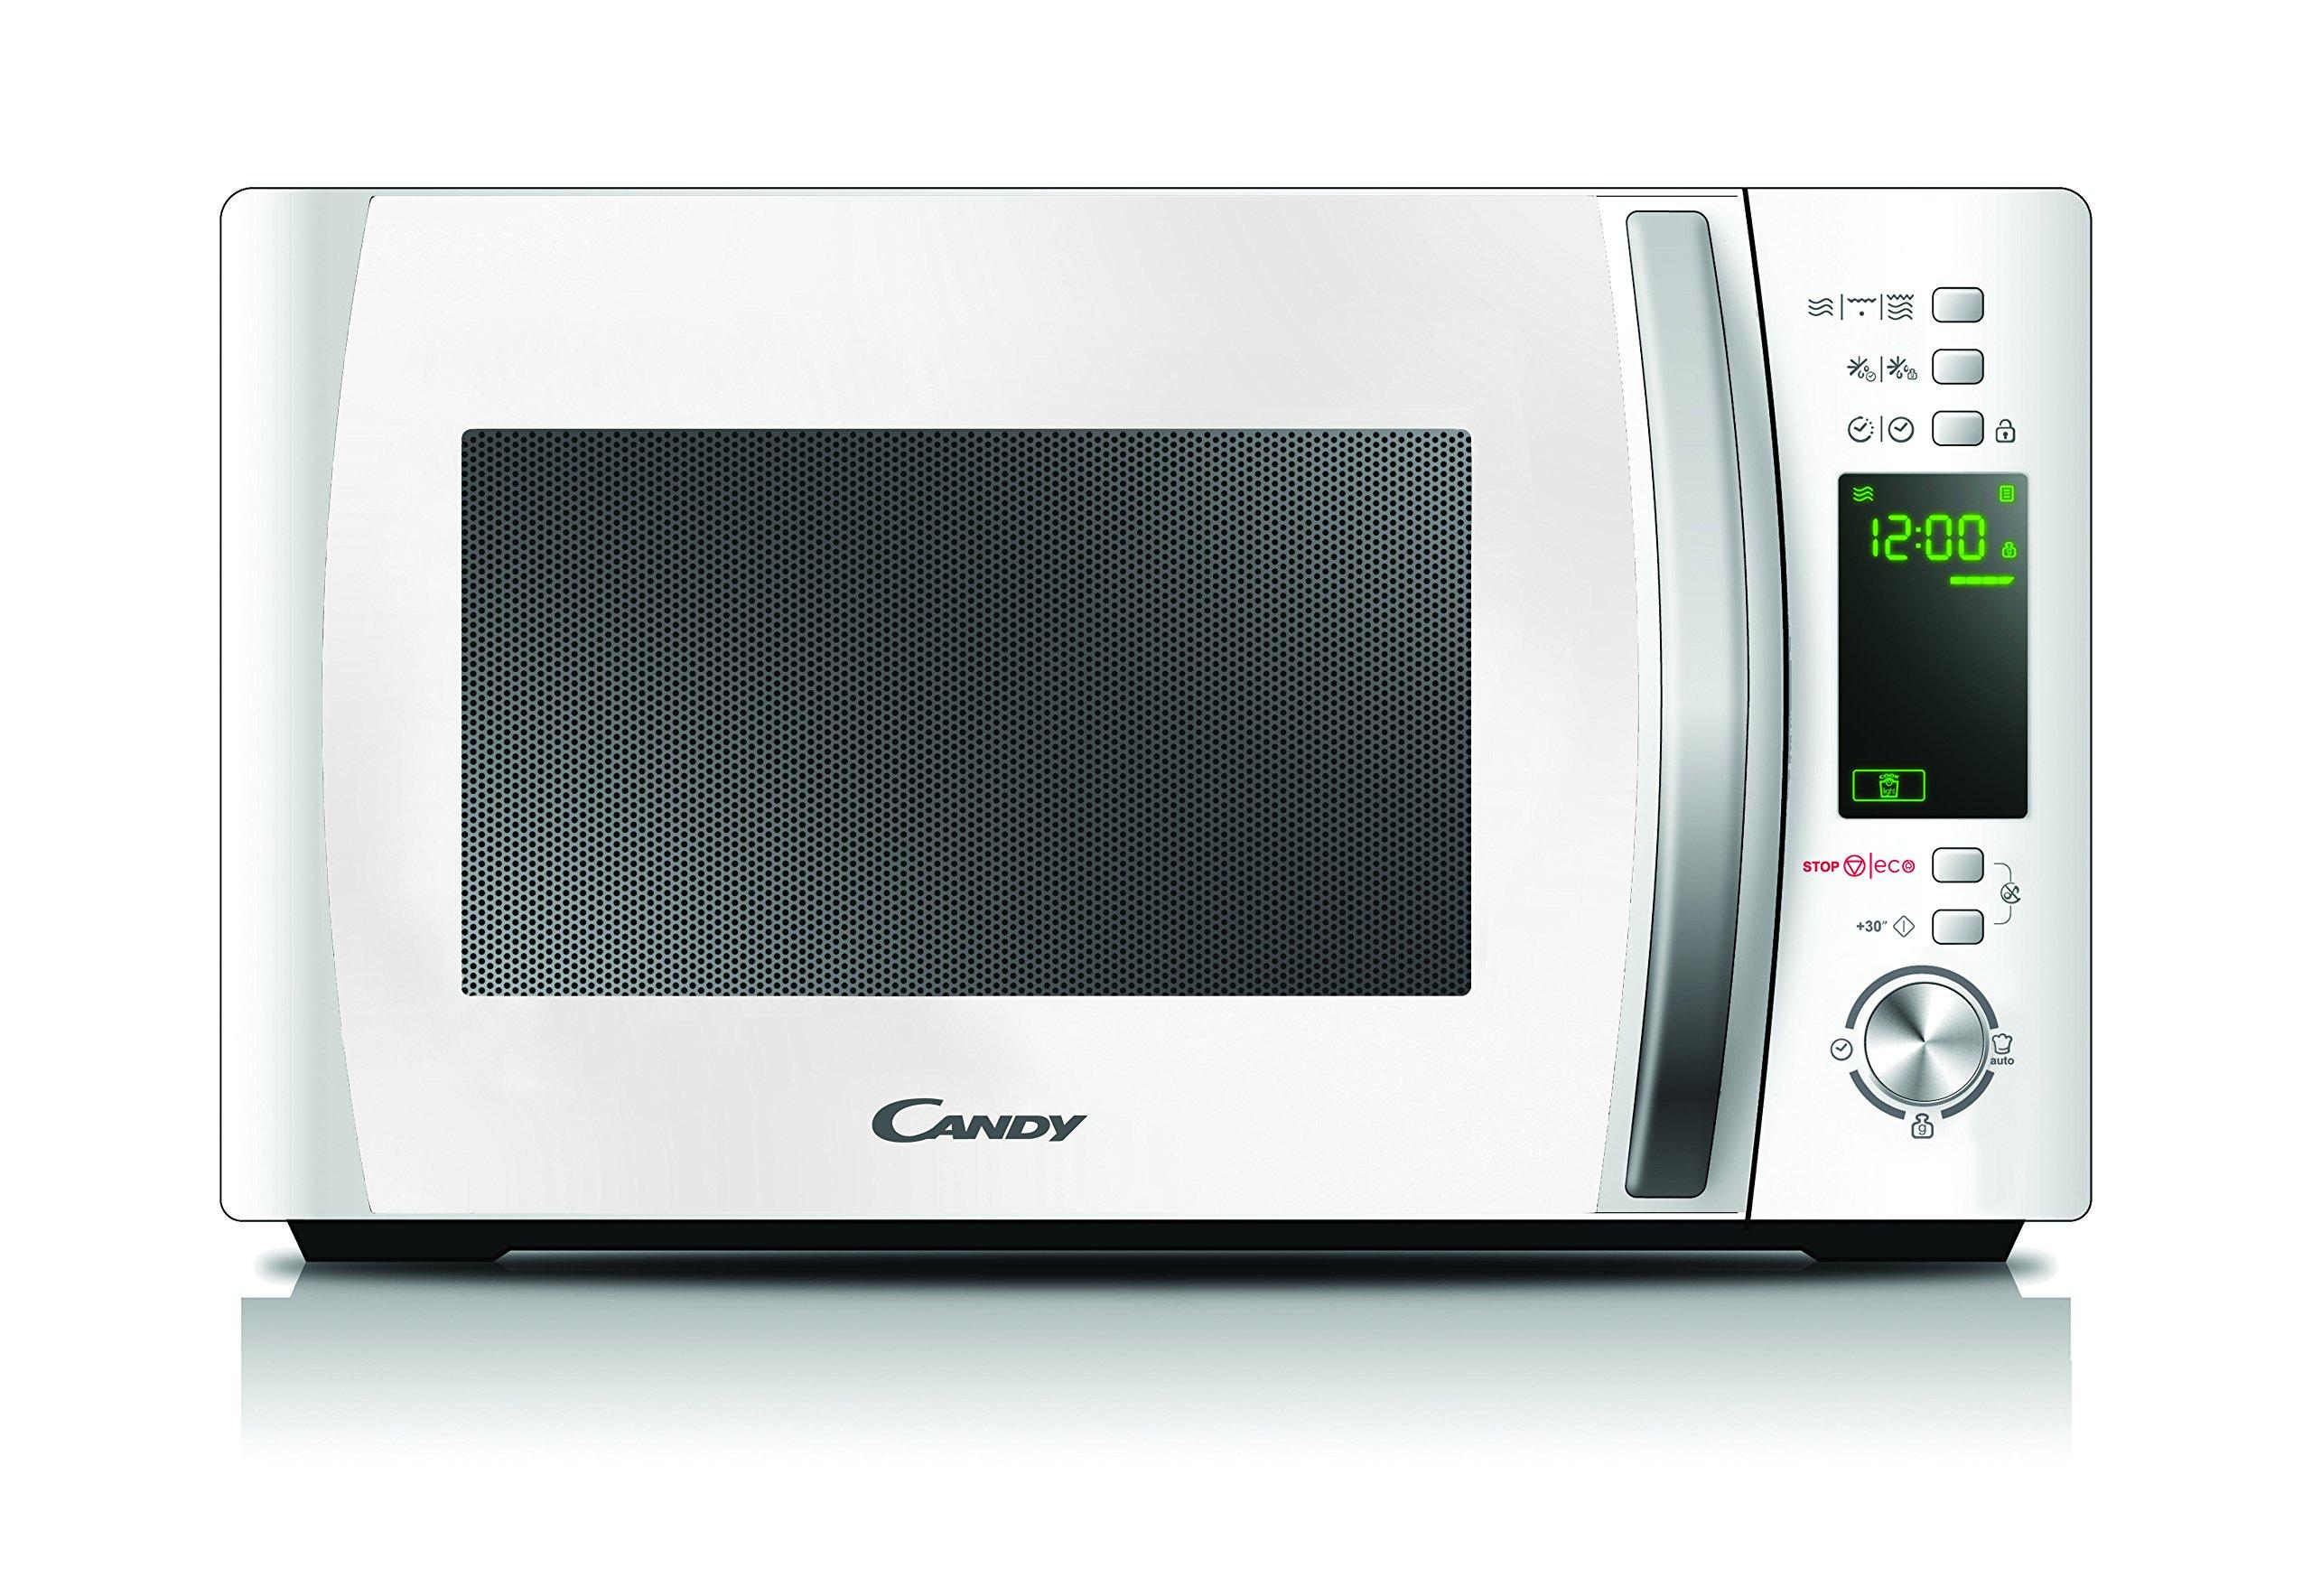 Candy CMXG20DW - Microondas con grill y cook in app, 20 L, 40 programas automáticos, 700 W / 1000 W, color blanco product image